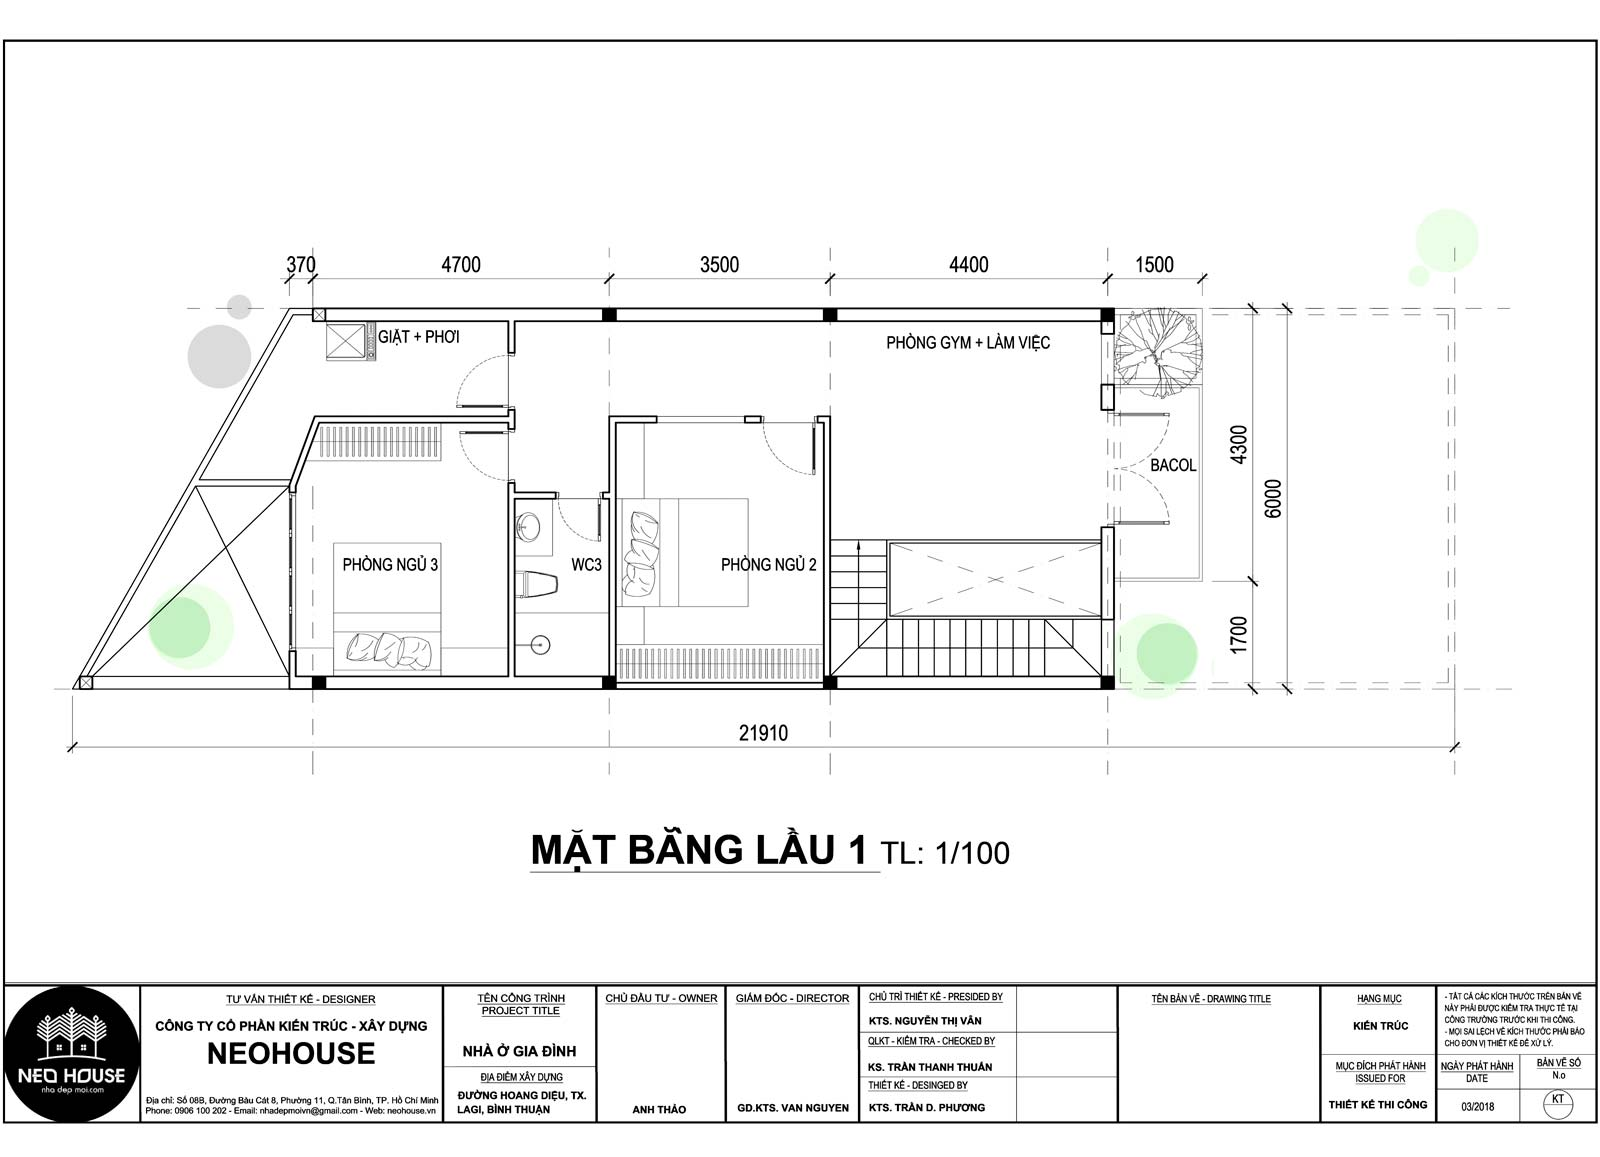 Mặt bằng lầu 1 nhà ống 2 tầng 3 phòng ngủ tại Bình Thuận